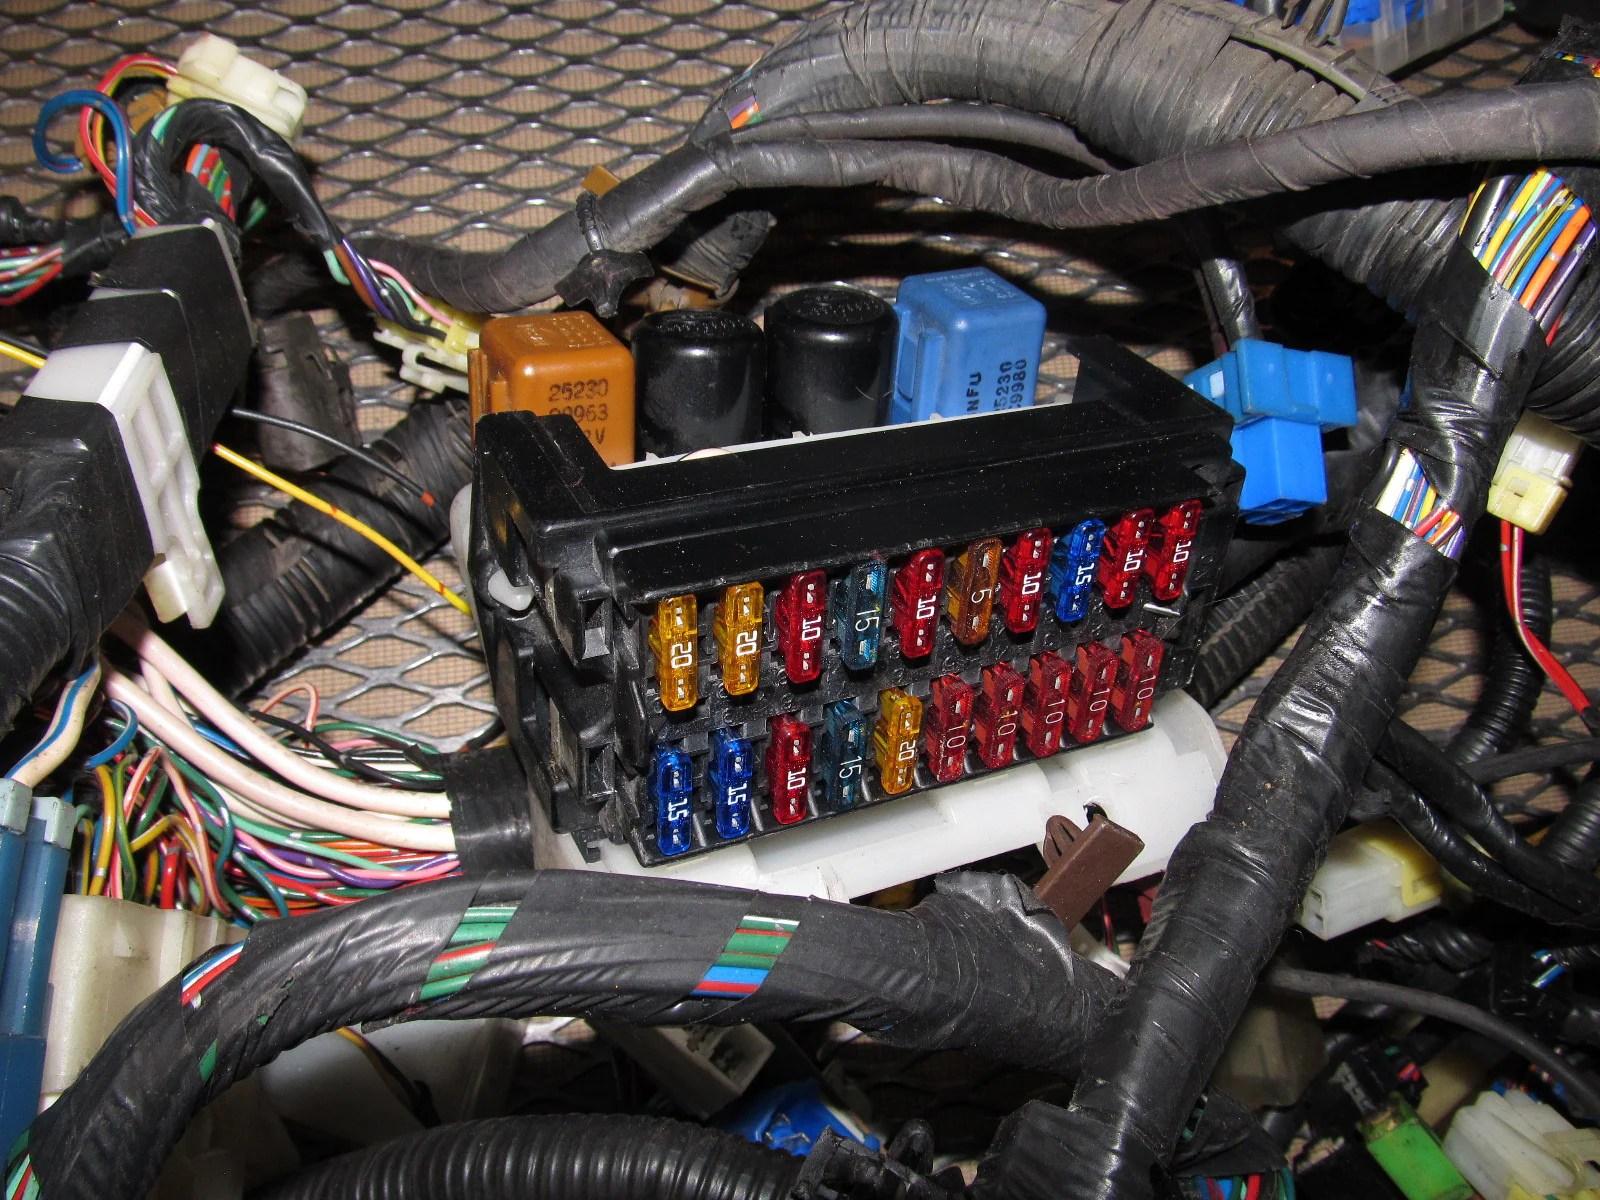 91 92 93 94 nissan 240sx oem fuse box wiring harness  [ 1600 x 1200 Pixel ]